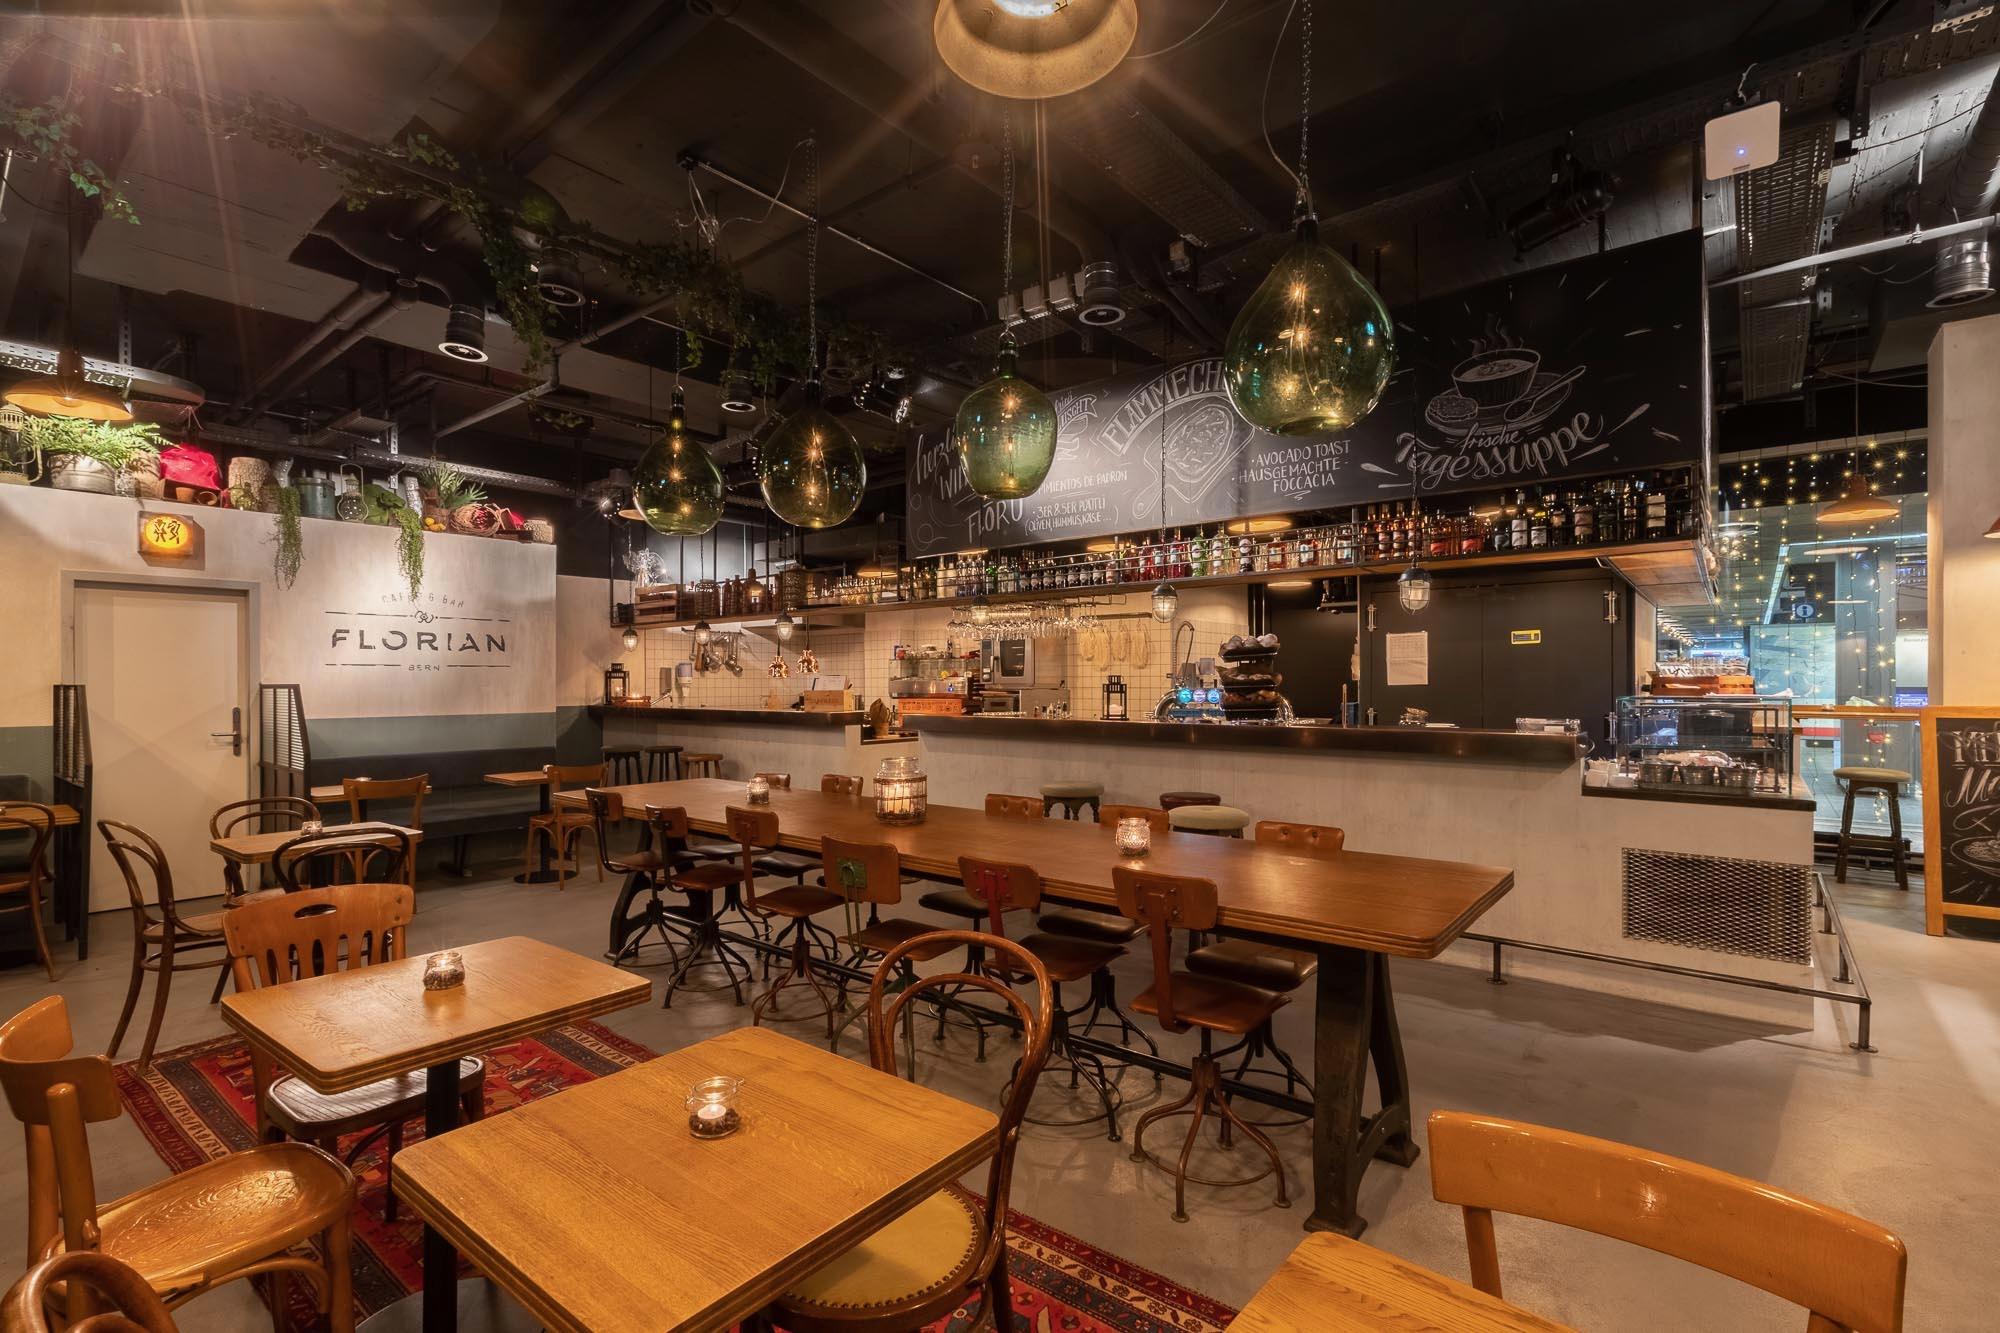 Innenarchitektur Cafe Florian Bern_Innen & Architektur_Studer.jpg